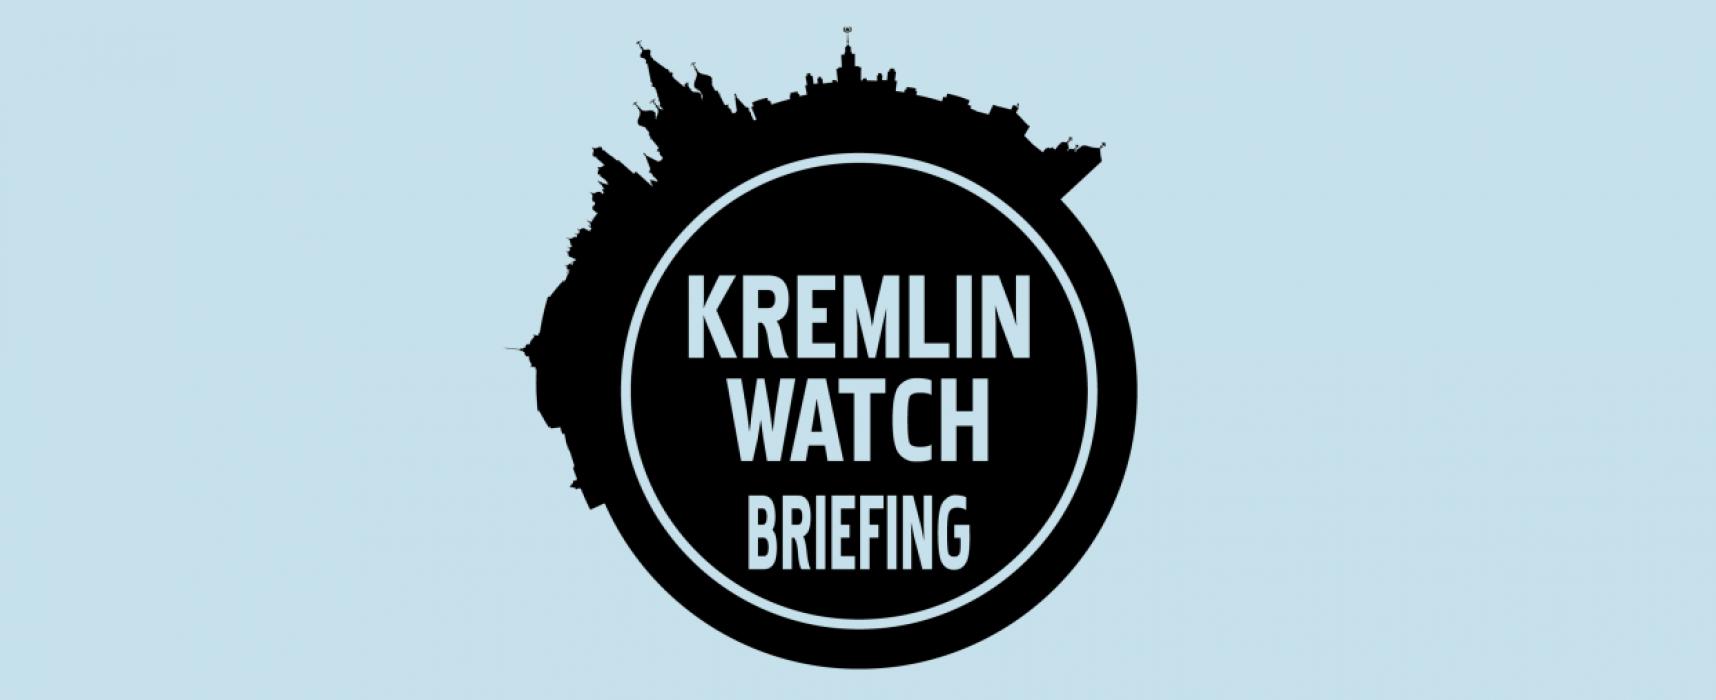 Kremlin Watch Briefing: Is the staged murder of Arkadiy Babchenko a success story?